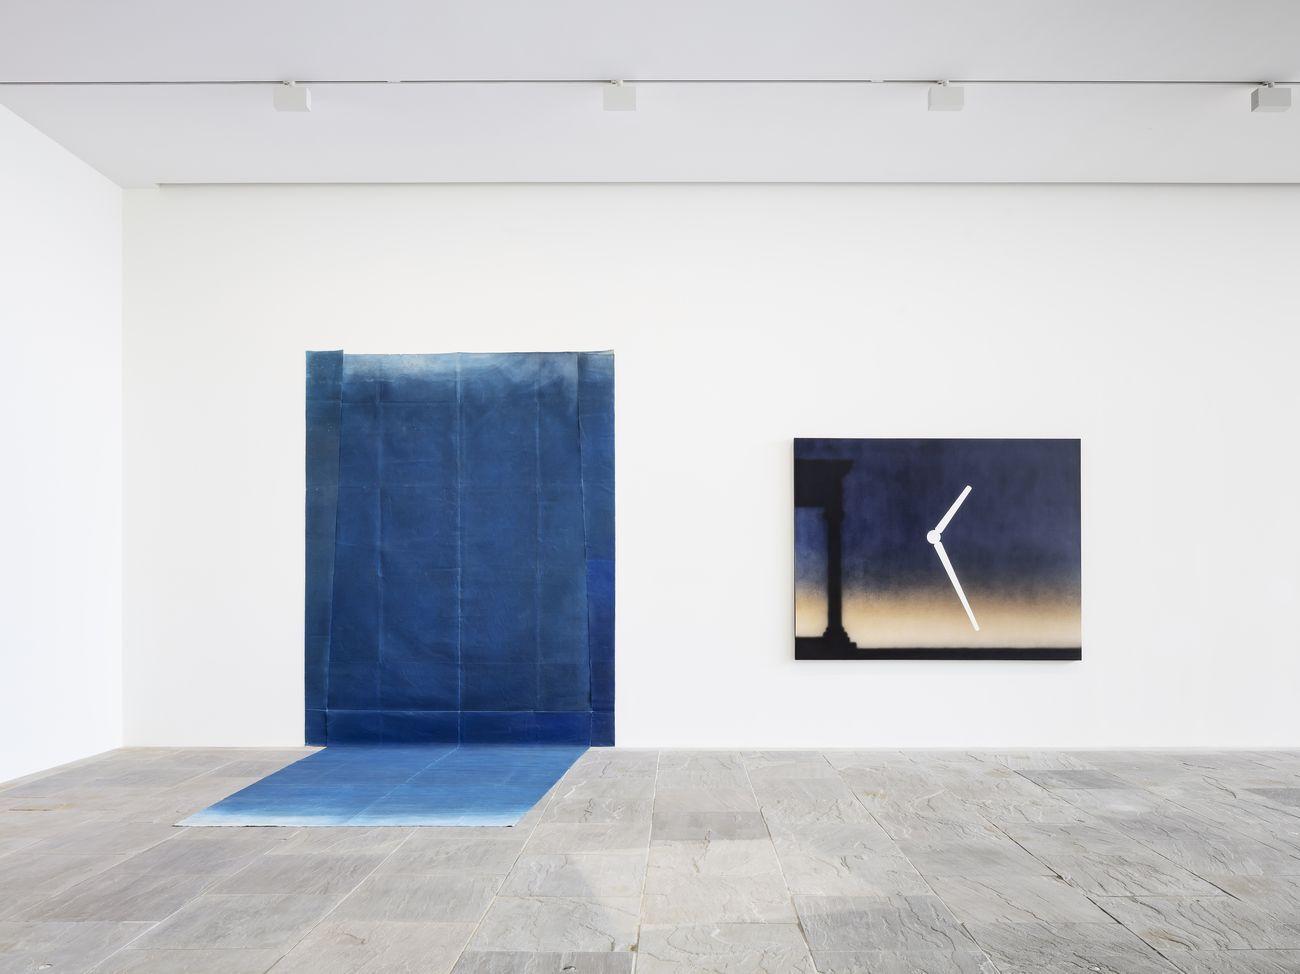 La Source. Exhibition view at Fondation Carmignac, Villa Carmignac 2019